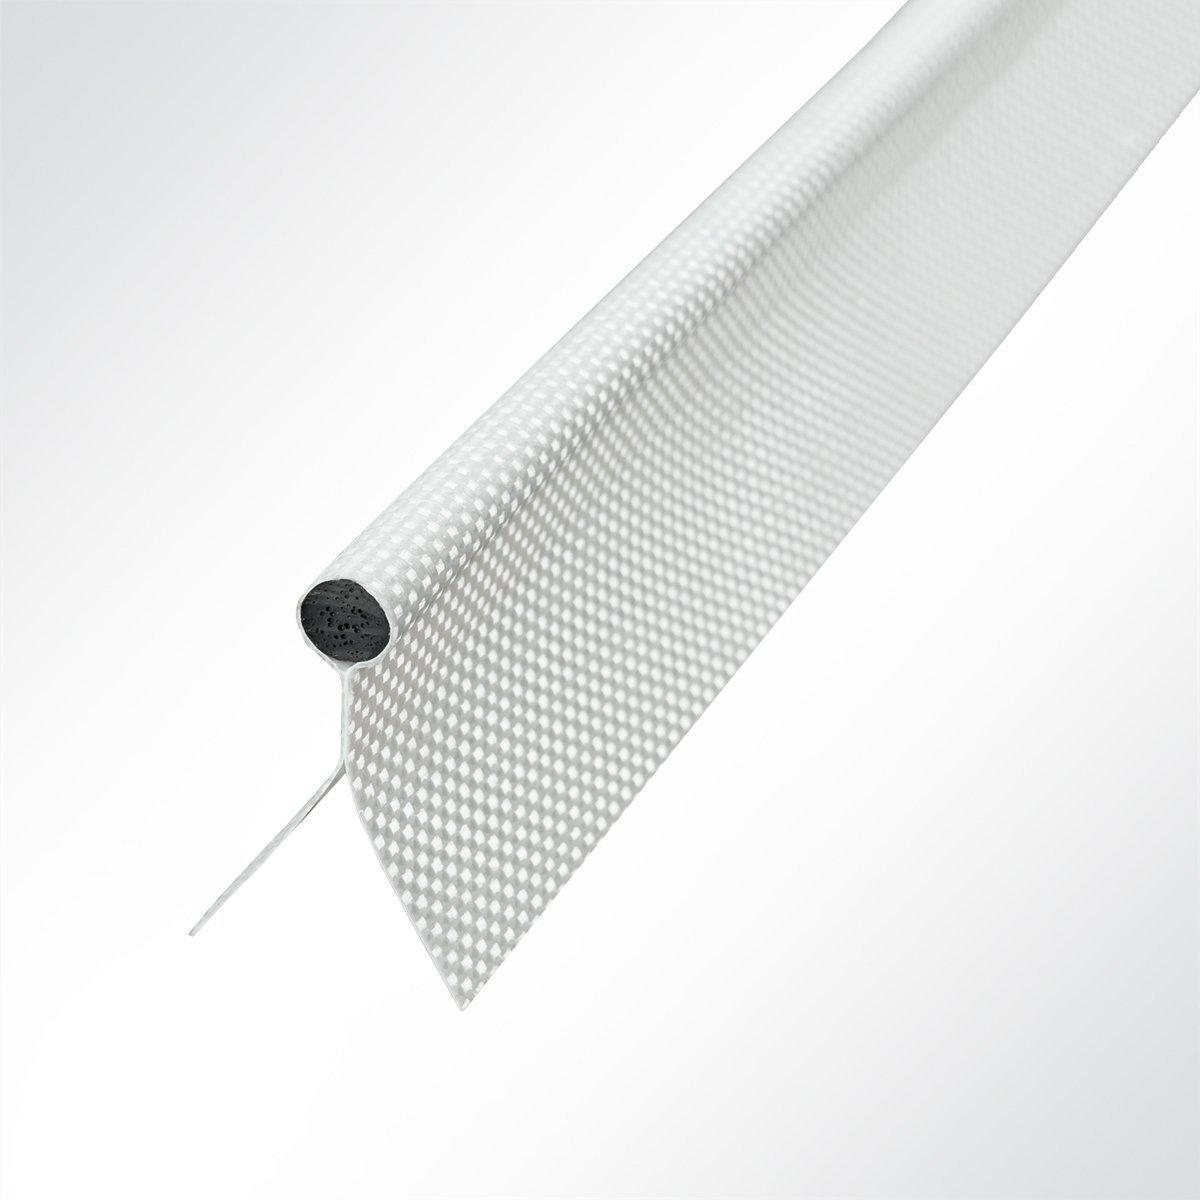 LYSEL Kederband 5,50mm doppelfahnig weiß , (L) 5m